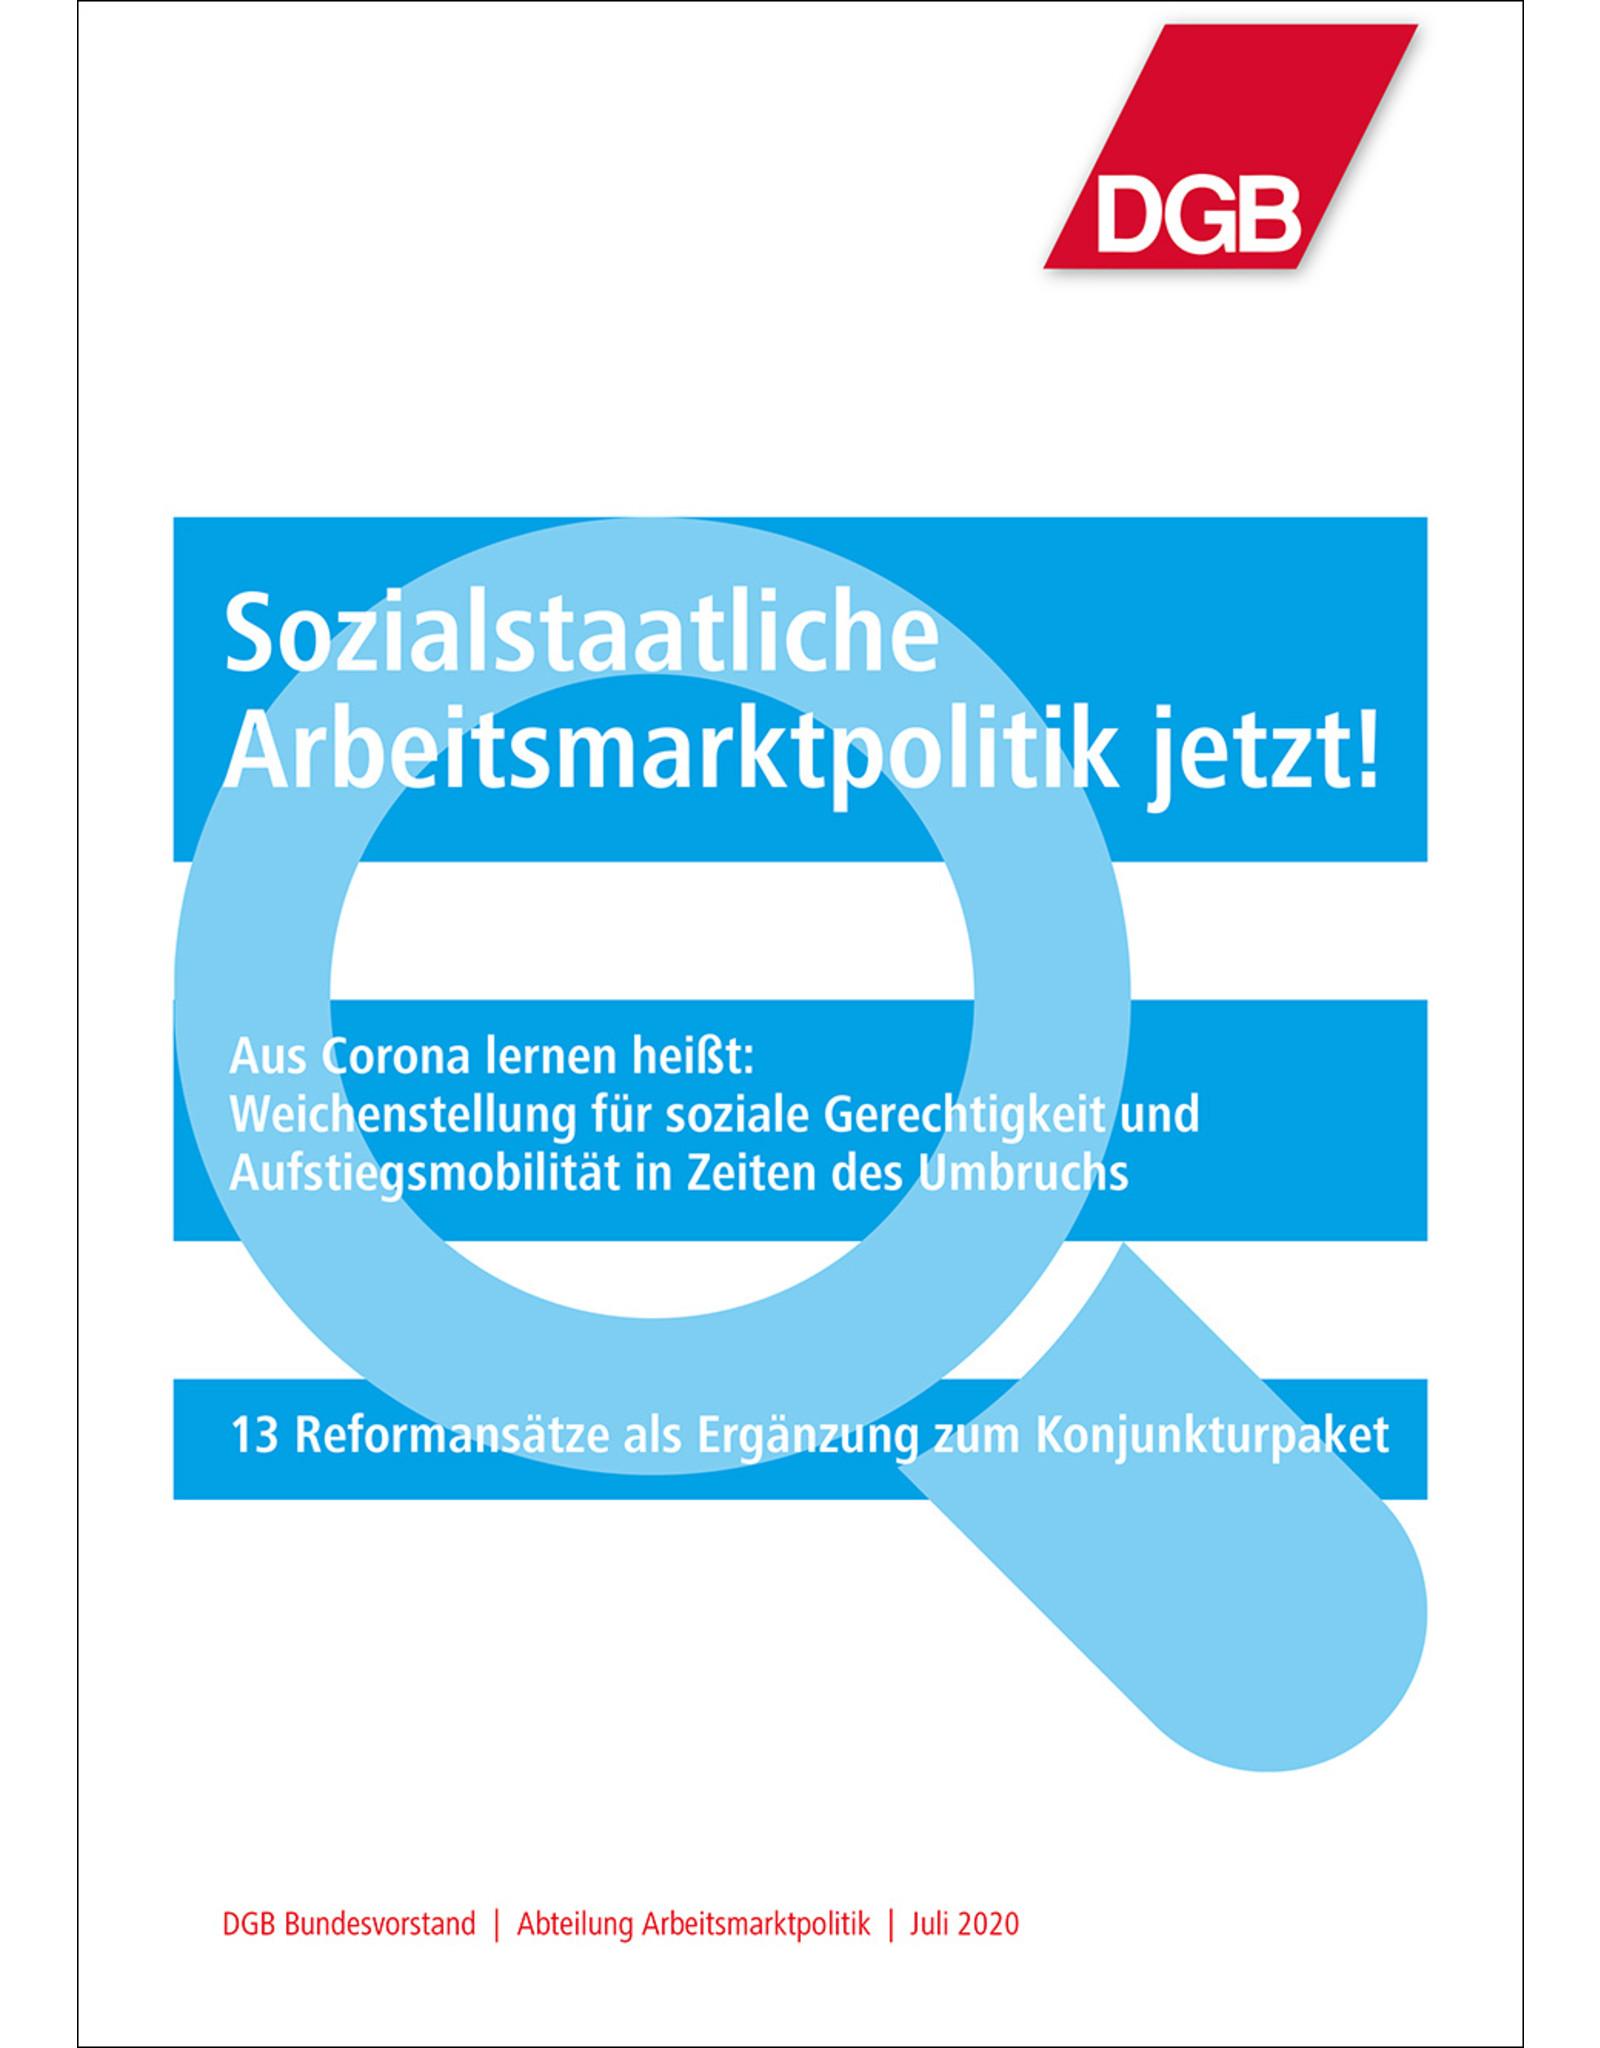 DGB-Broschüre Sozialstaatliche  Arbeitsmarktpolitik jetzt A4,26 Seiten